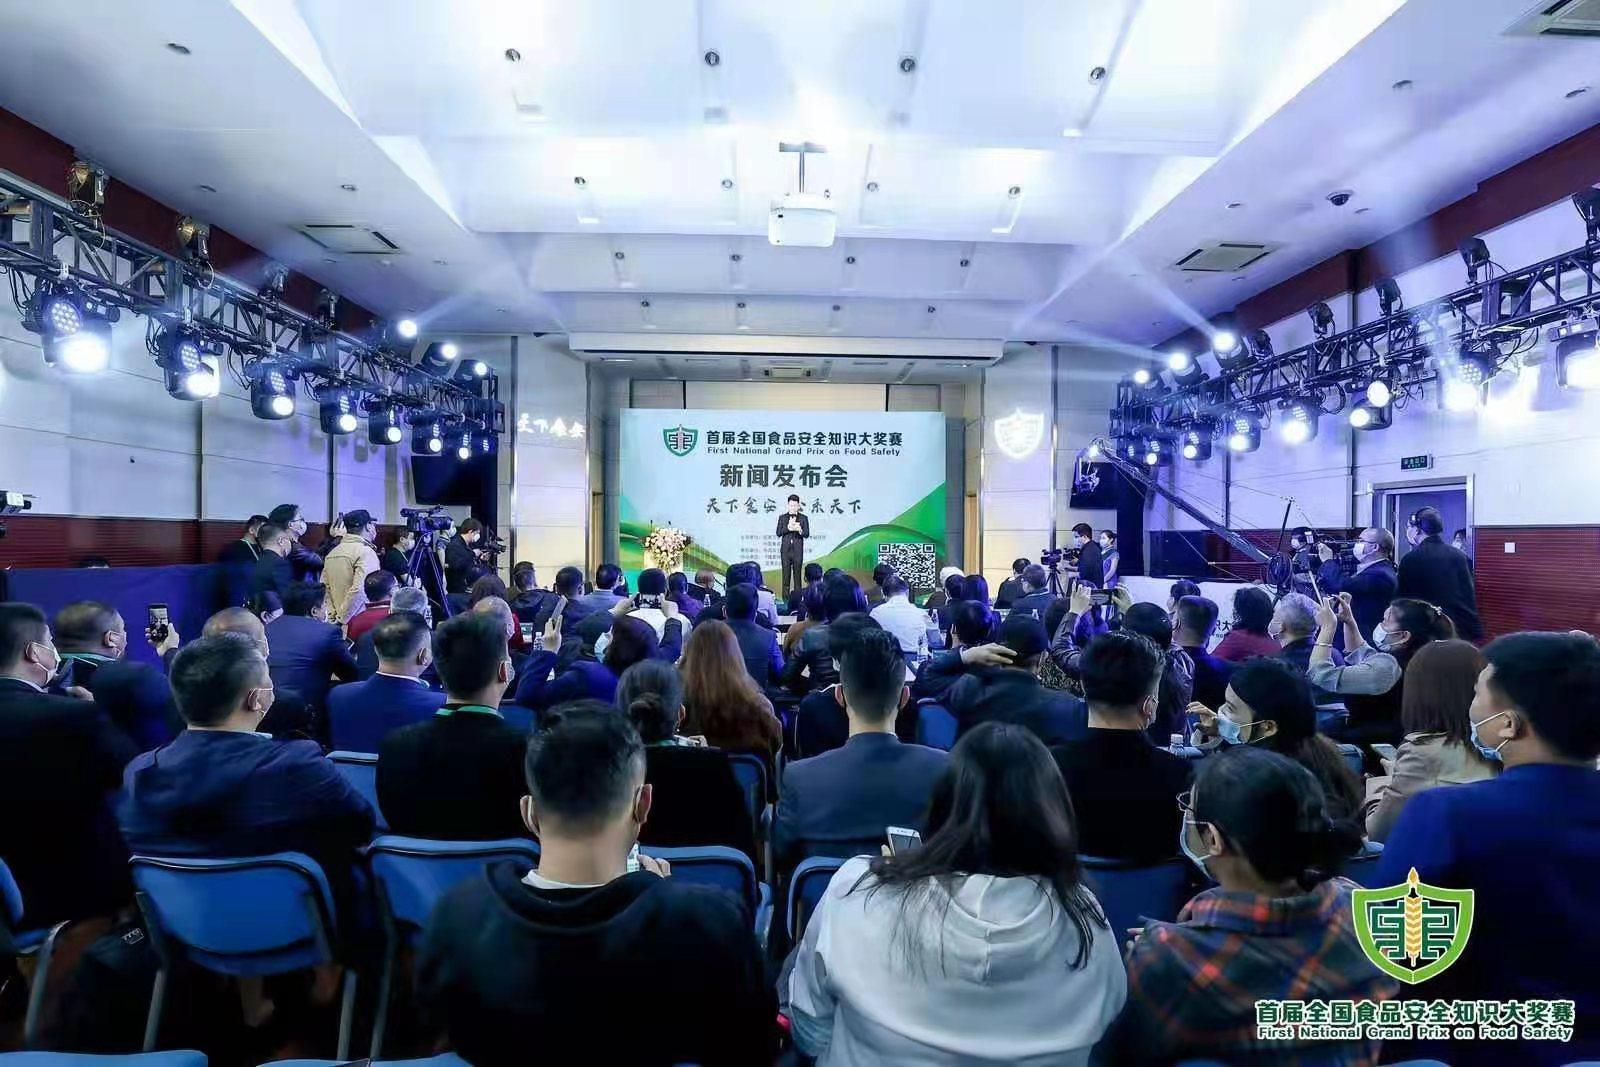 首届全国食品安全知识大奖赛启动仪式暨新闻发布会在京举行